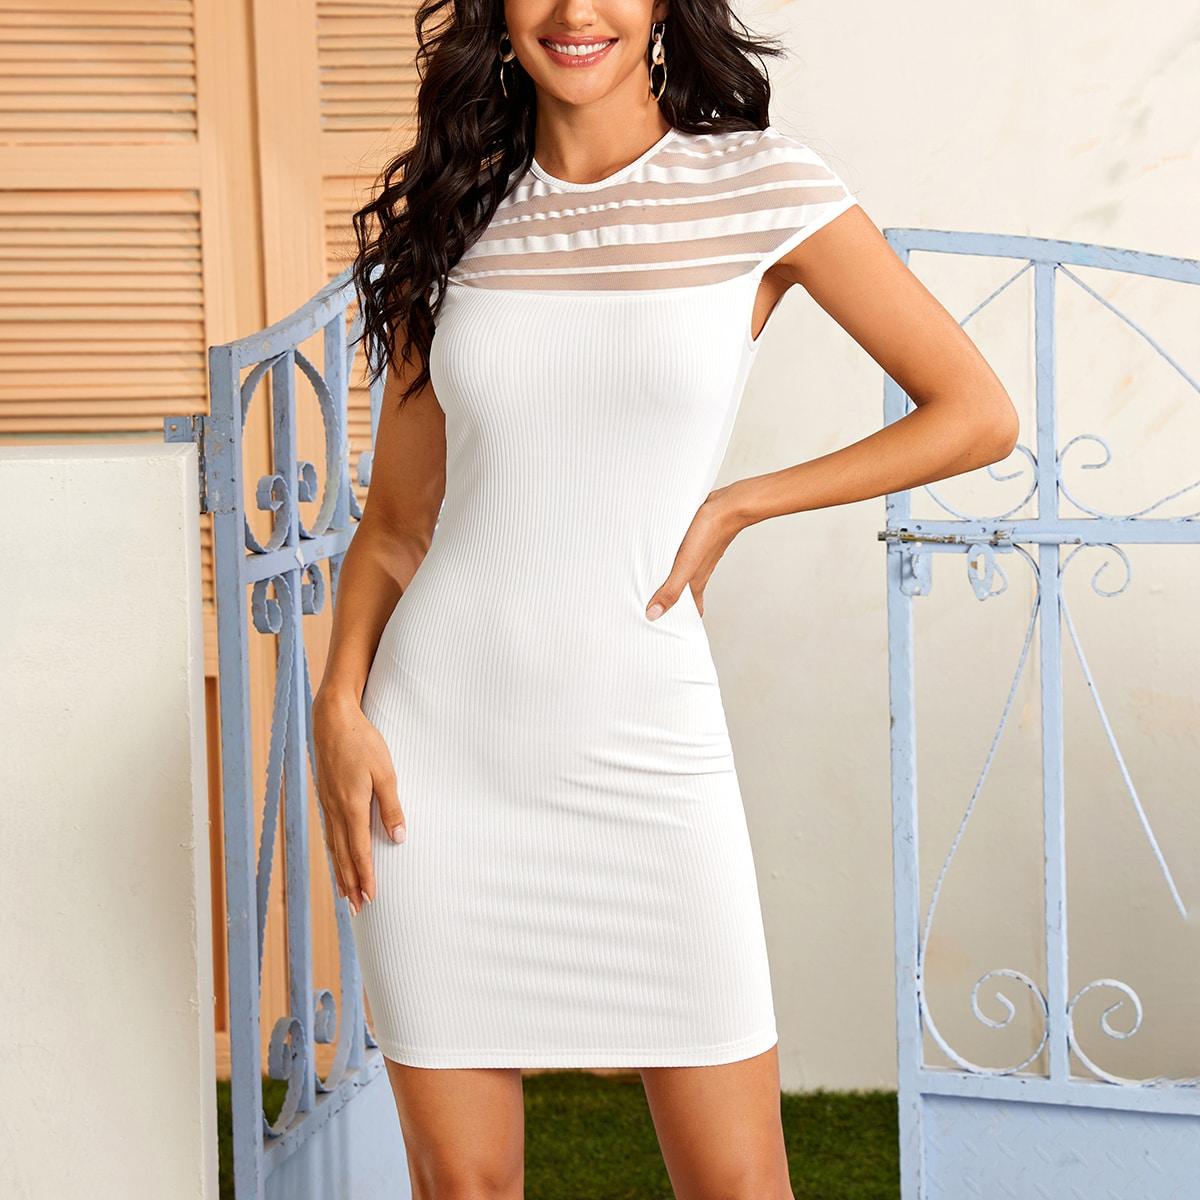 SHEIN / Strick figurbetontes Kleid mit Schlüsselloch hinten und transparentem Netzstoff